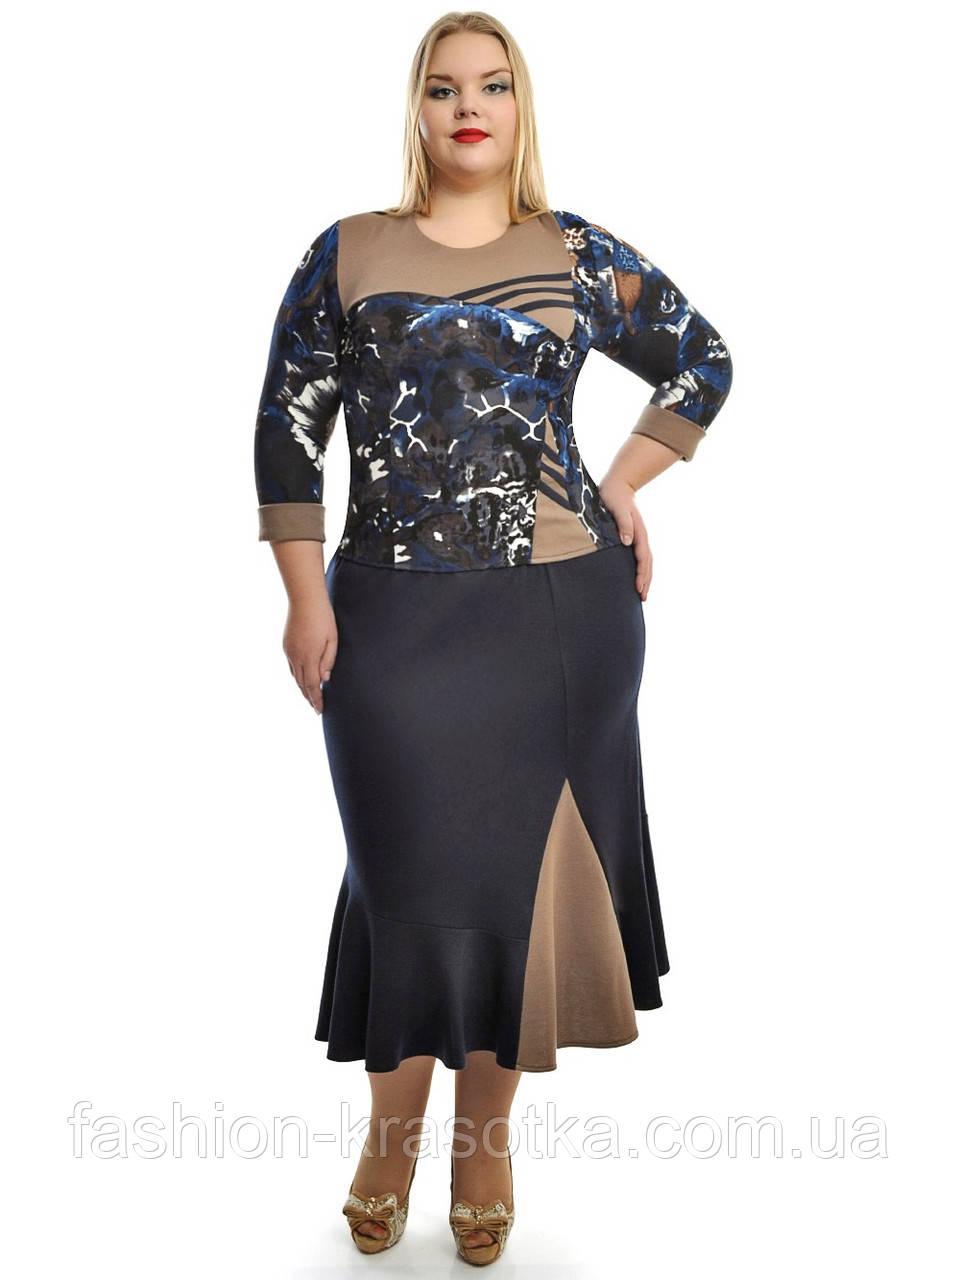 Костюм юбка на резинки,размеры 48-62,модель ДК 675